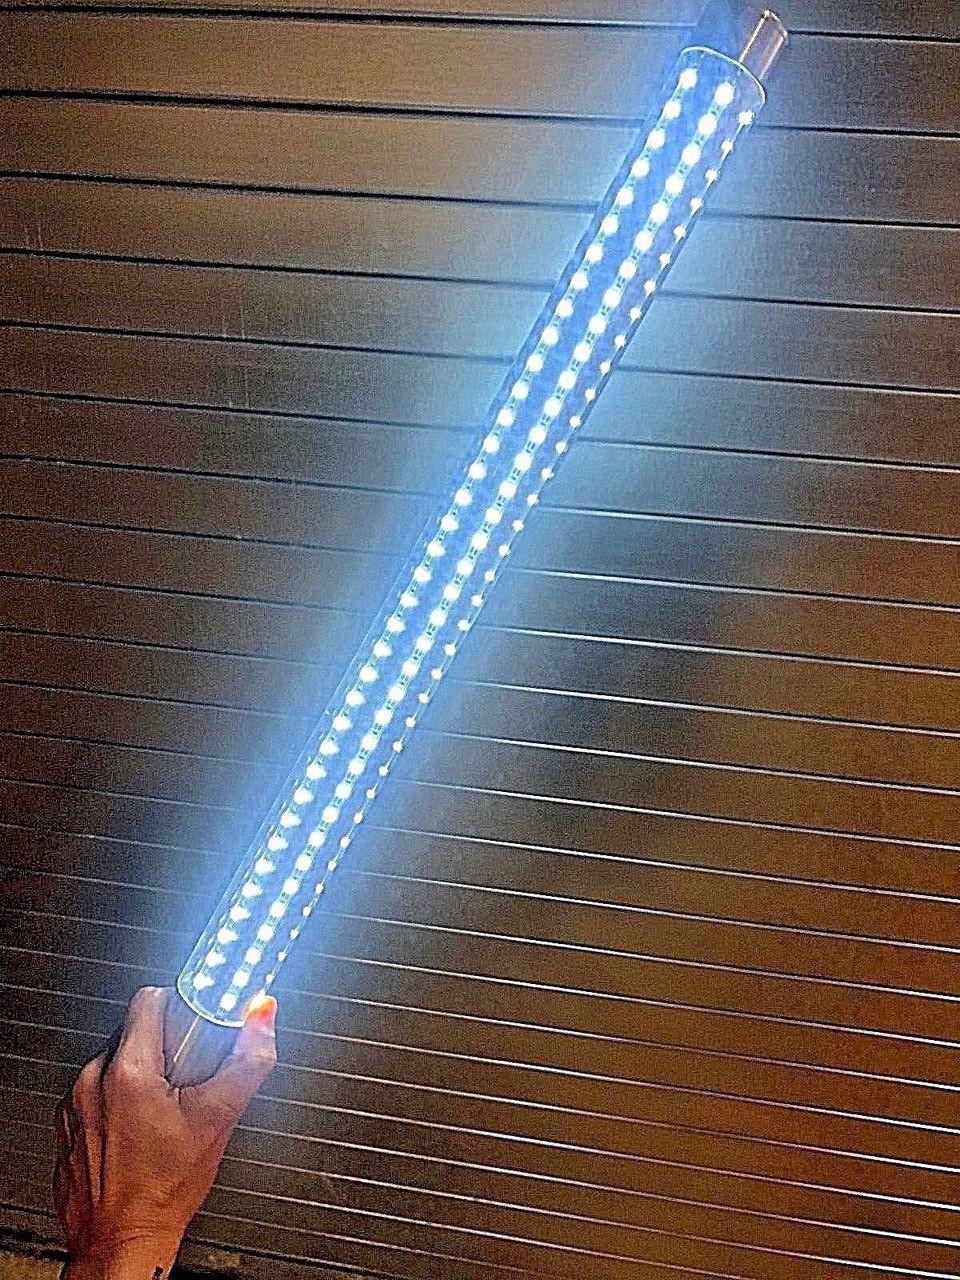 LED SABER STROBE